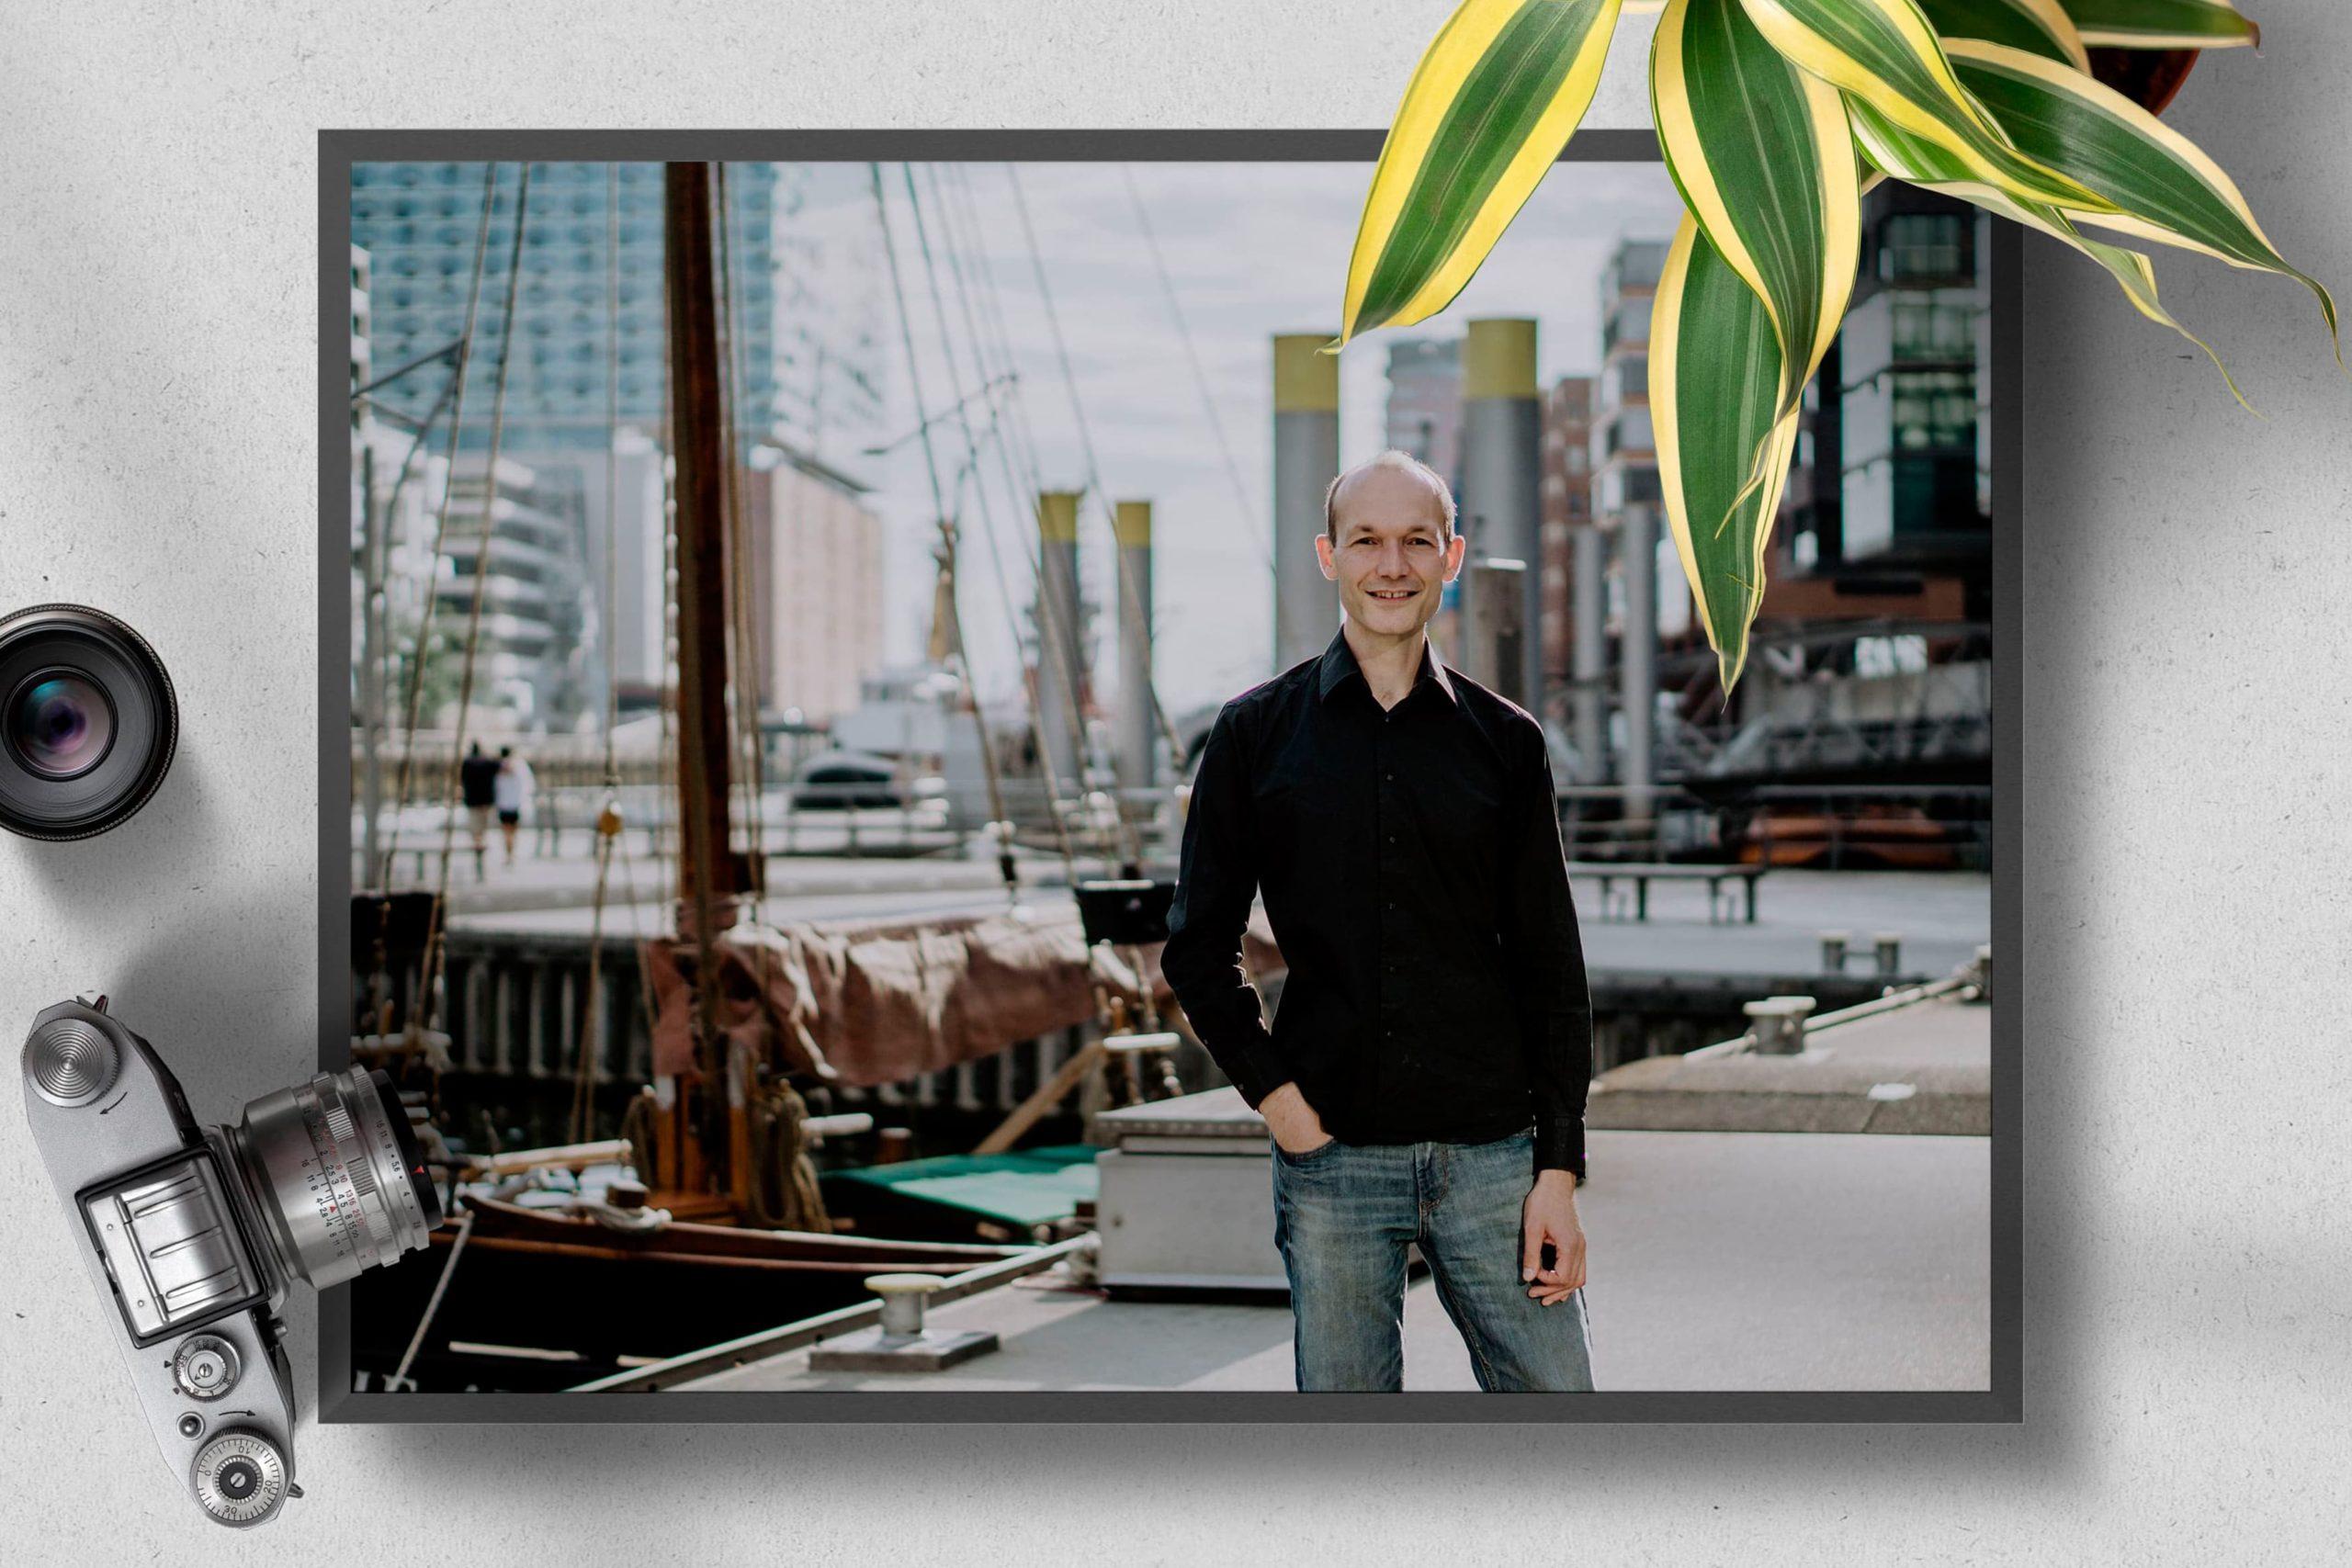 Referenzen Fotografie Jan Baudisch